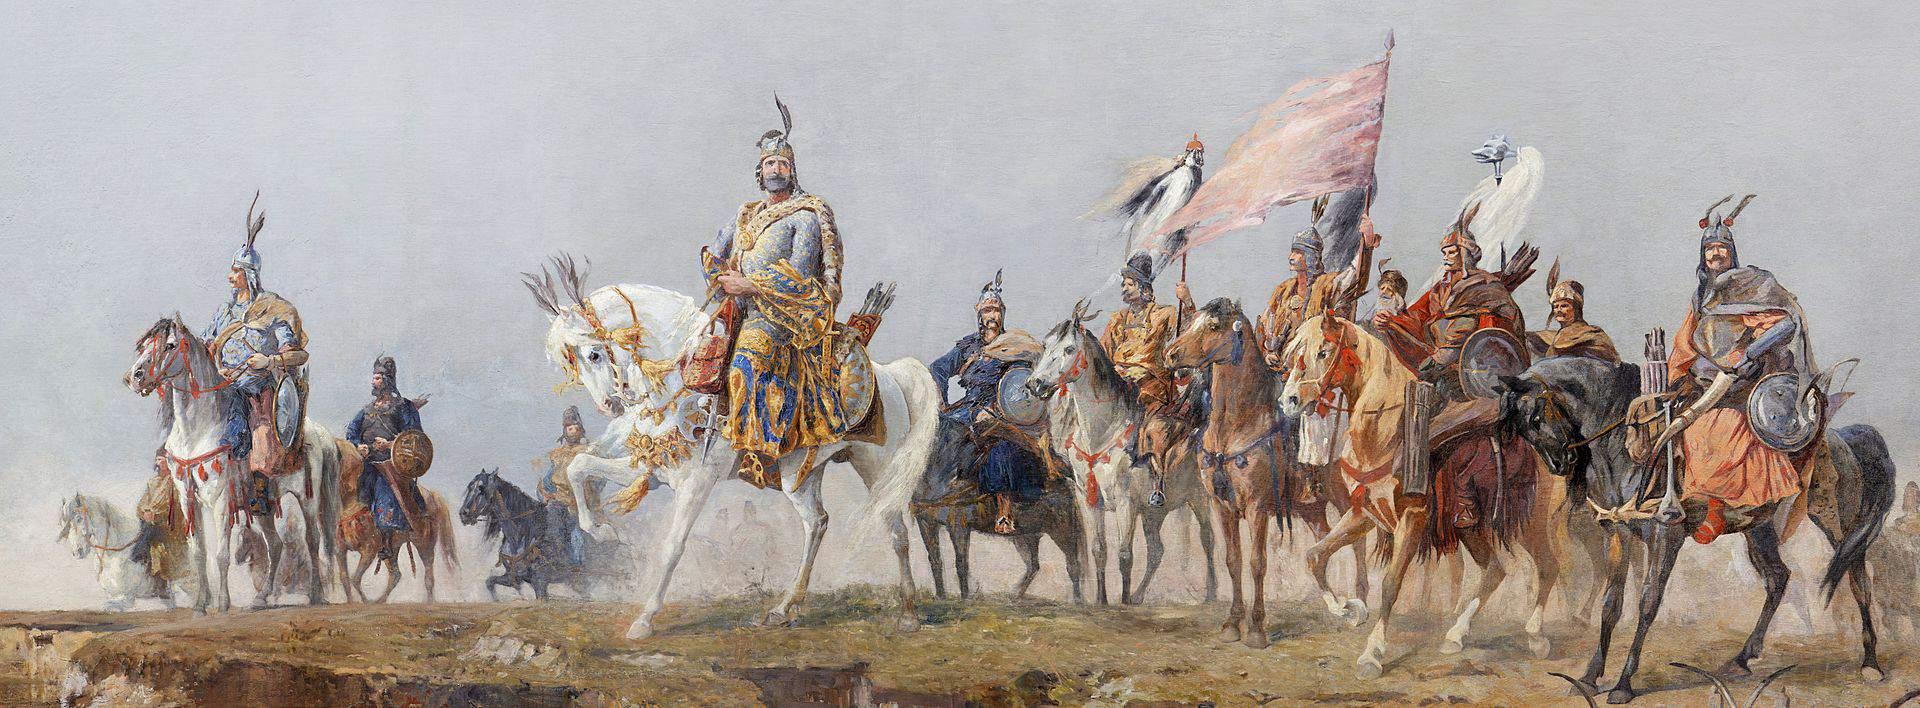 Árpád Feszty Panorama Ópusztaszer conquest Carpathian Basin